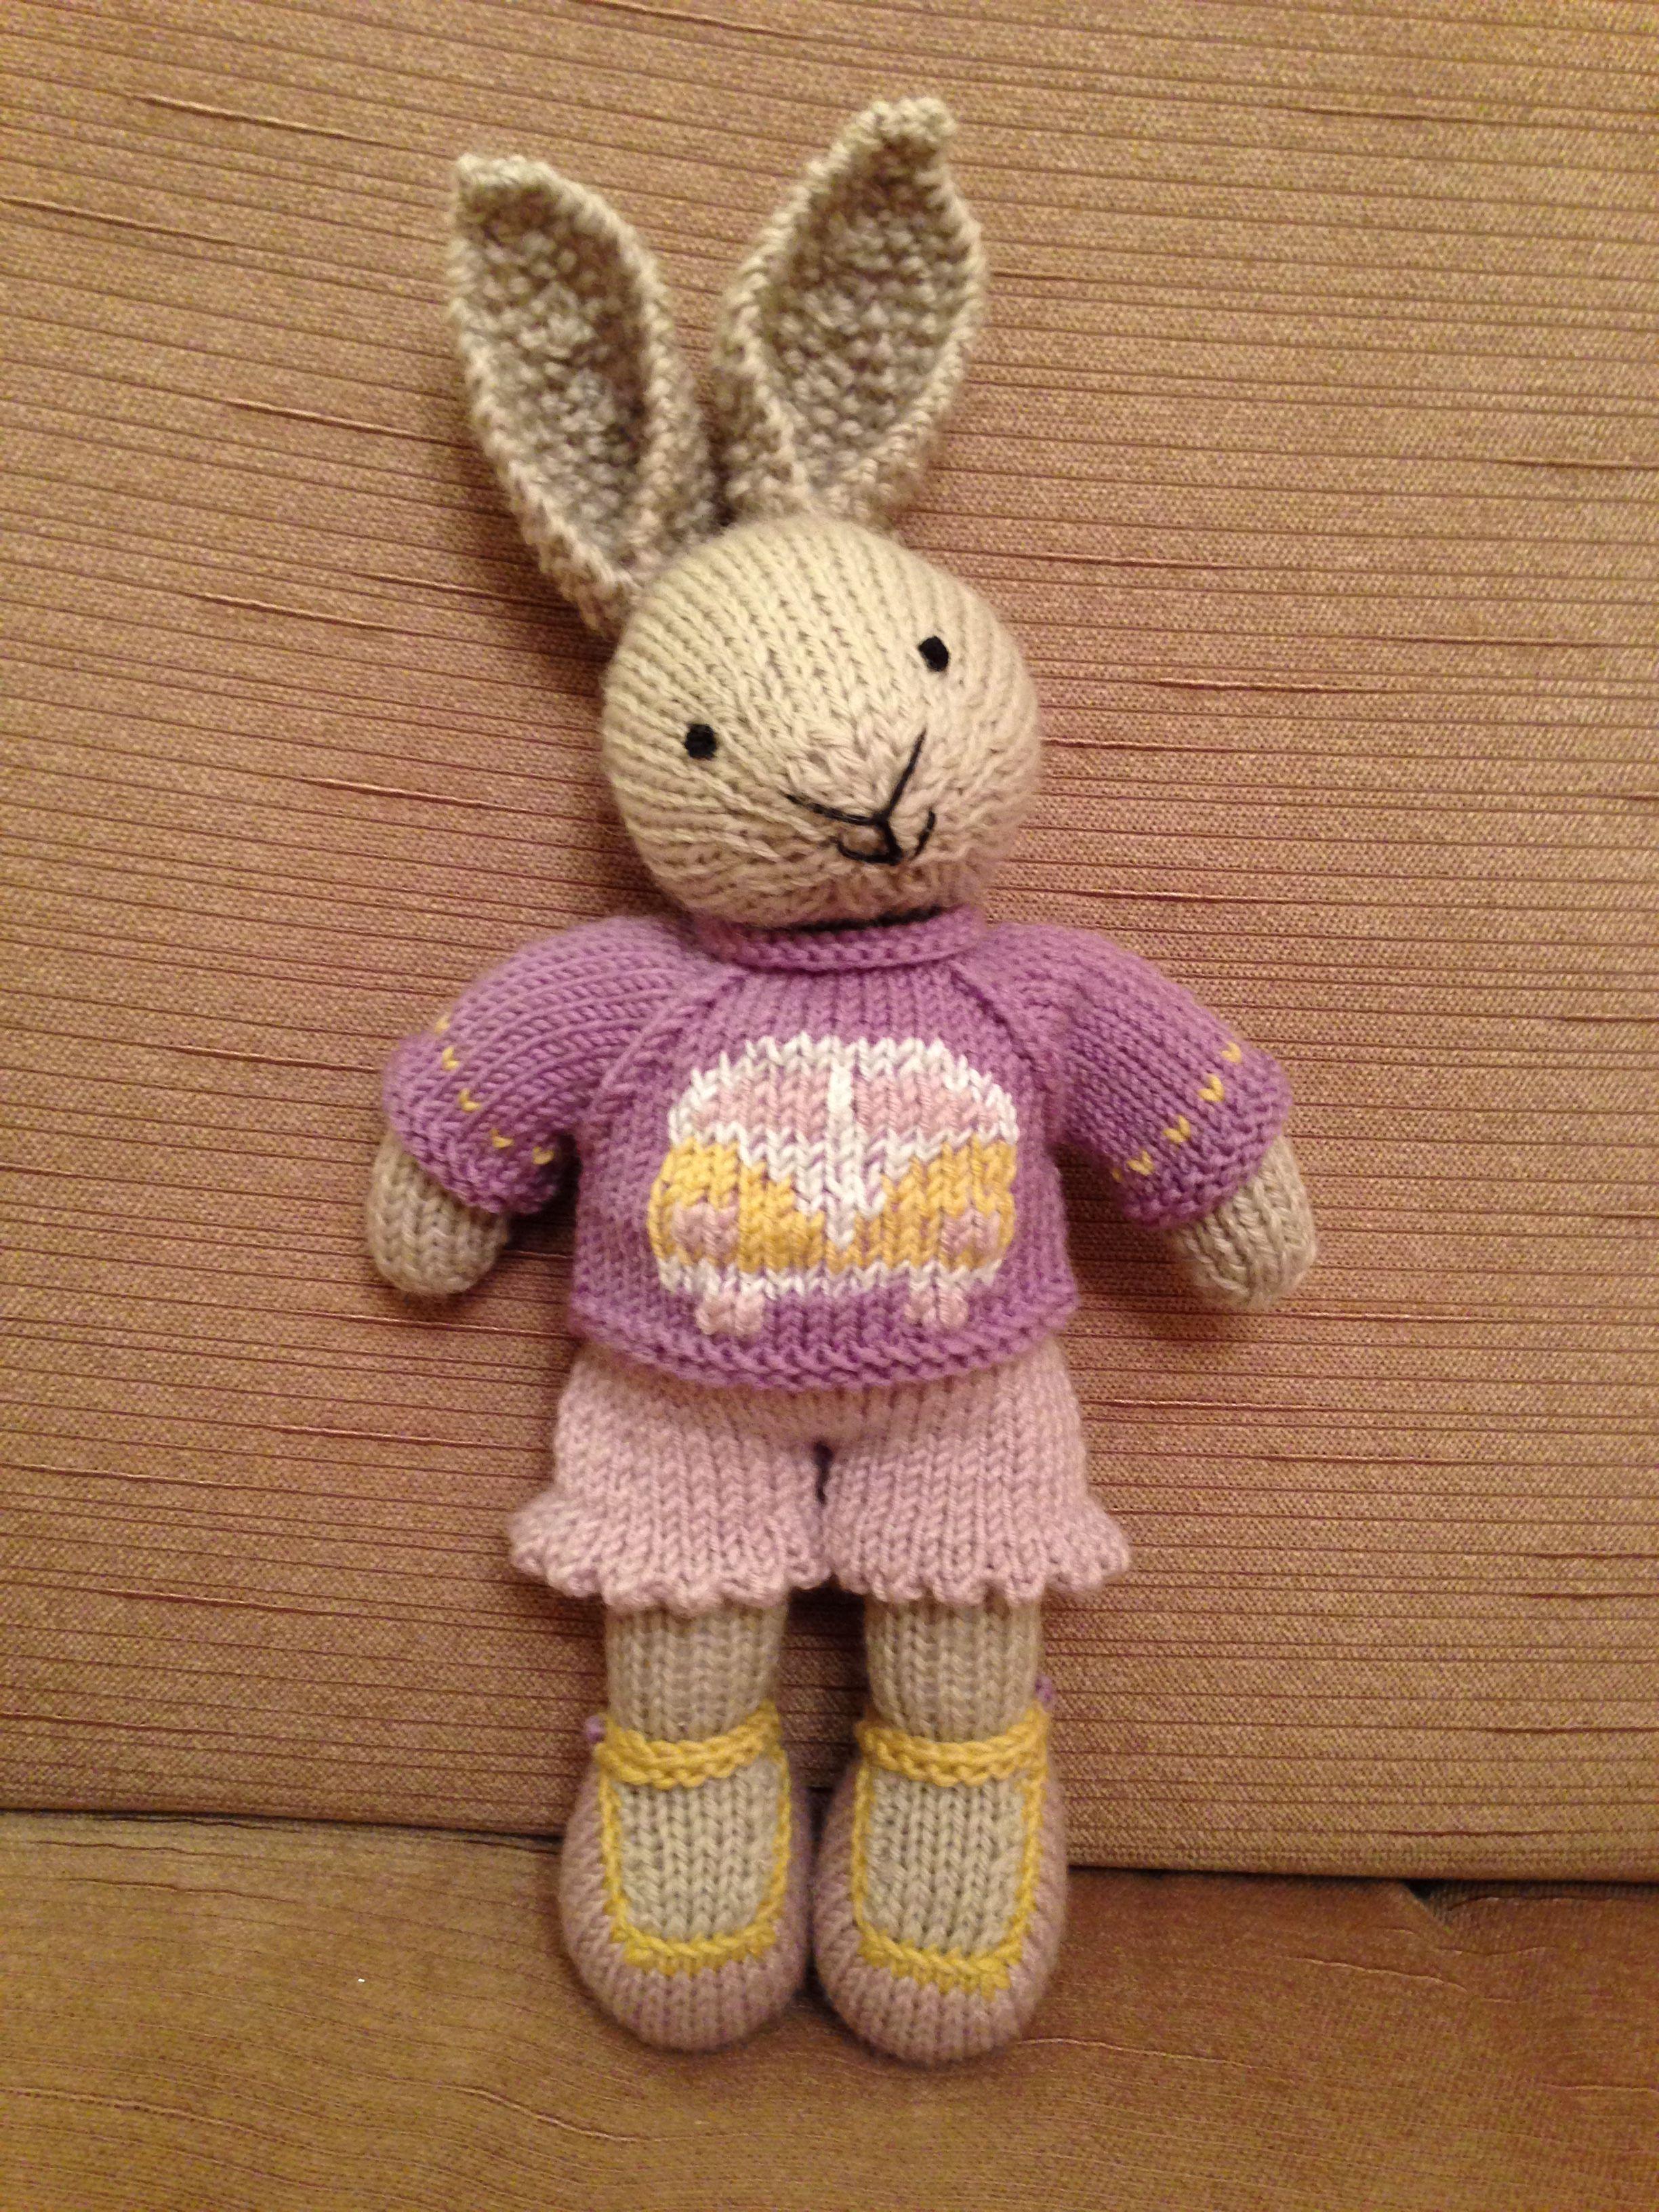 Pin de Sarah Bellis en Knitting / sewing | Pinterest | Tejido